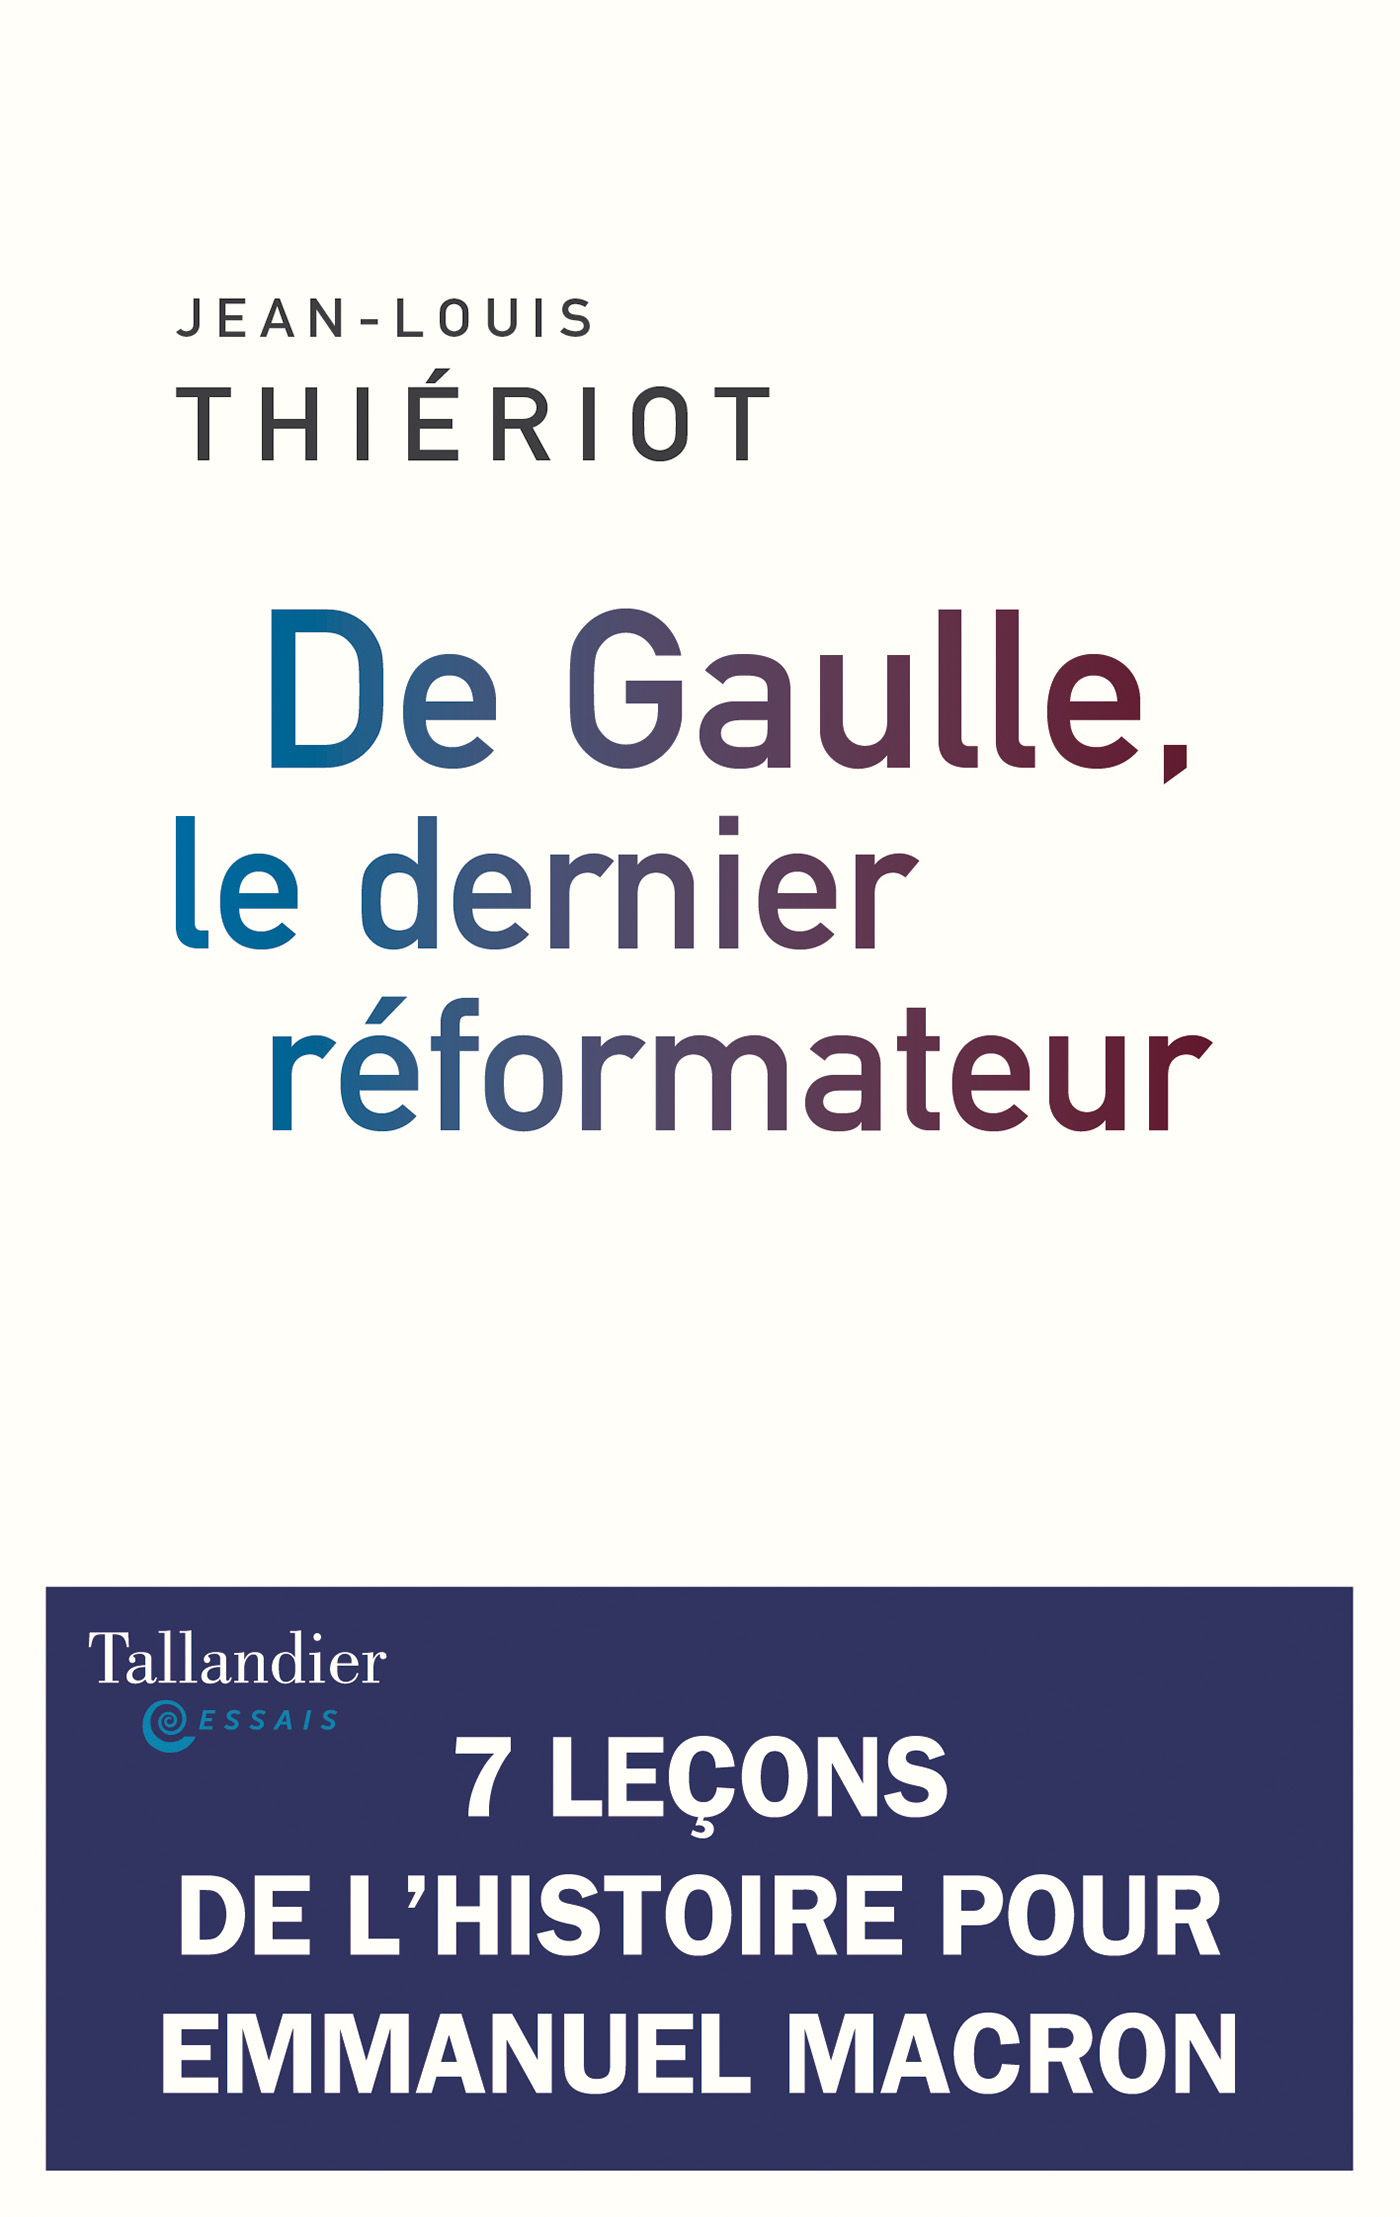 De Gaulle, le dernier r?formateur